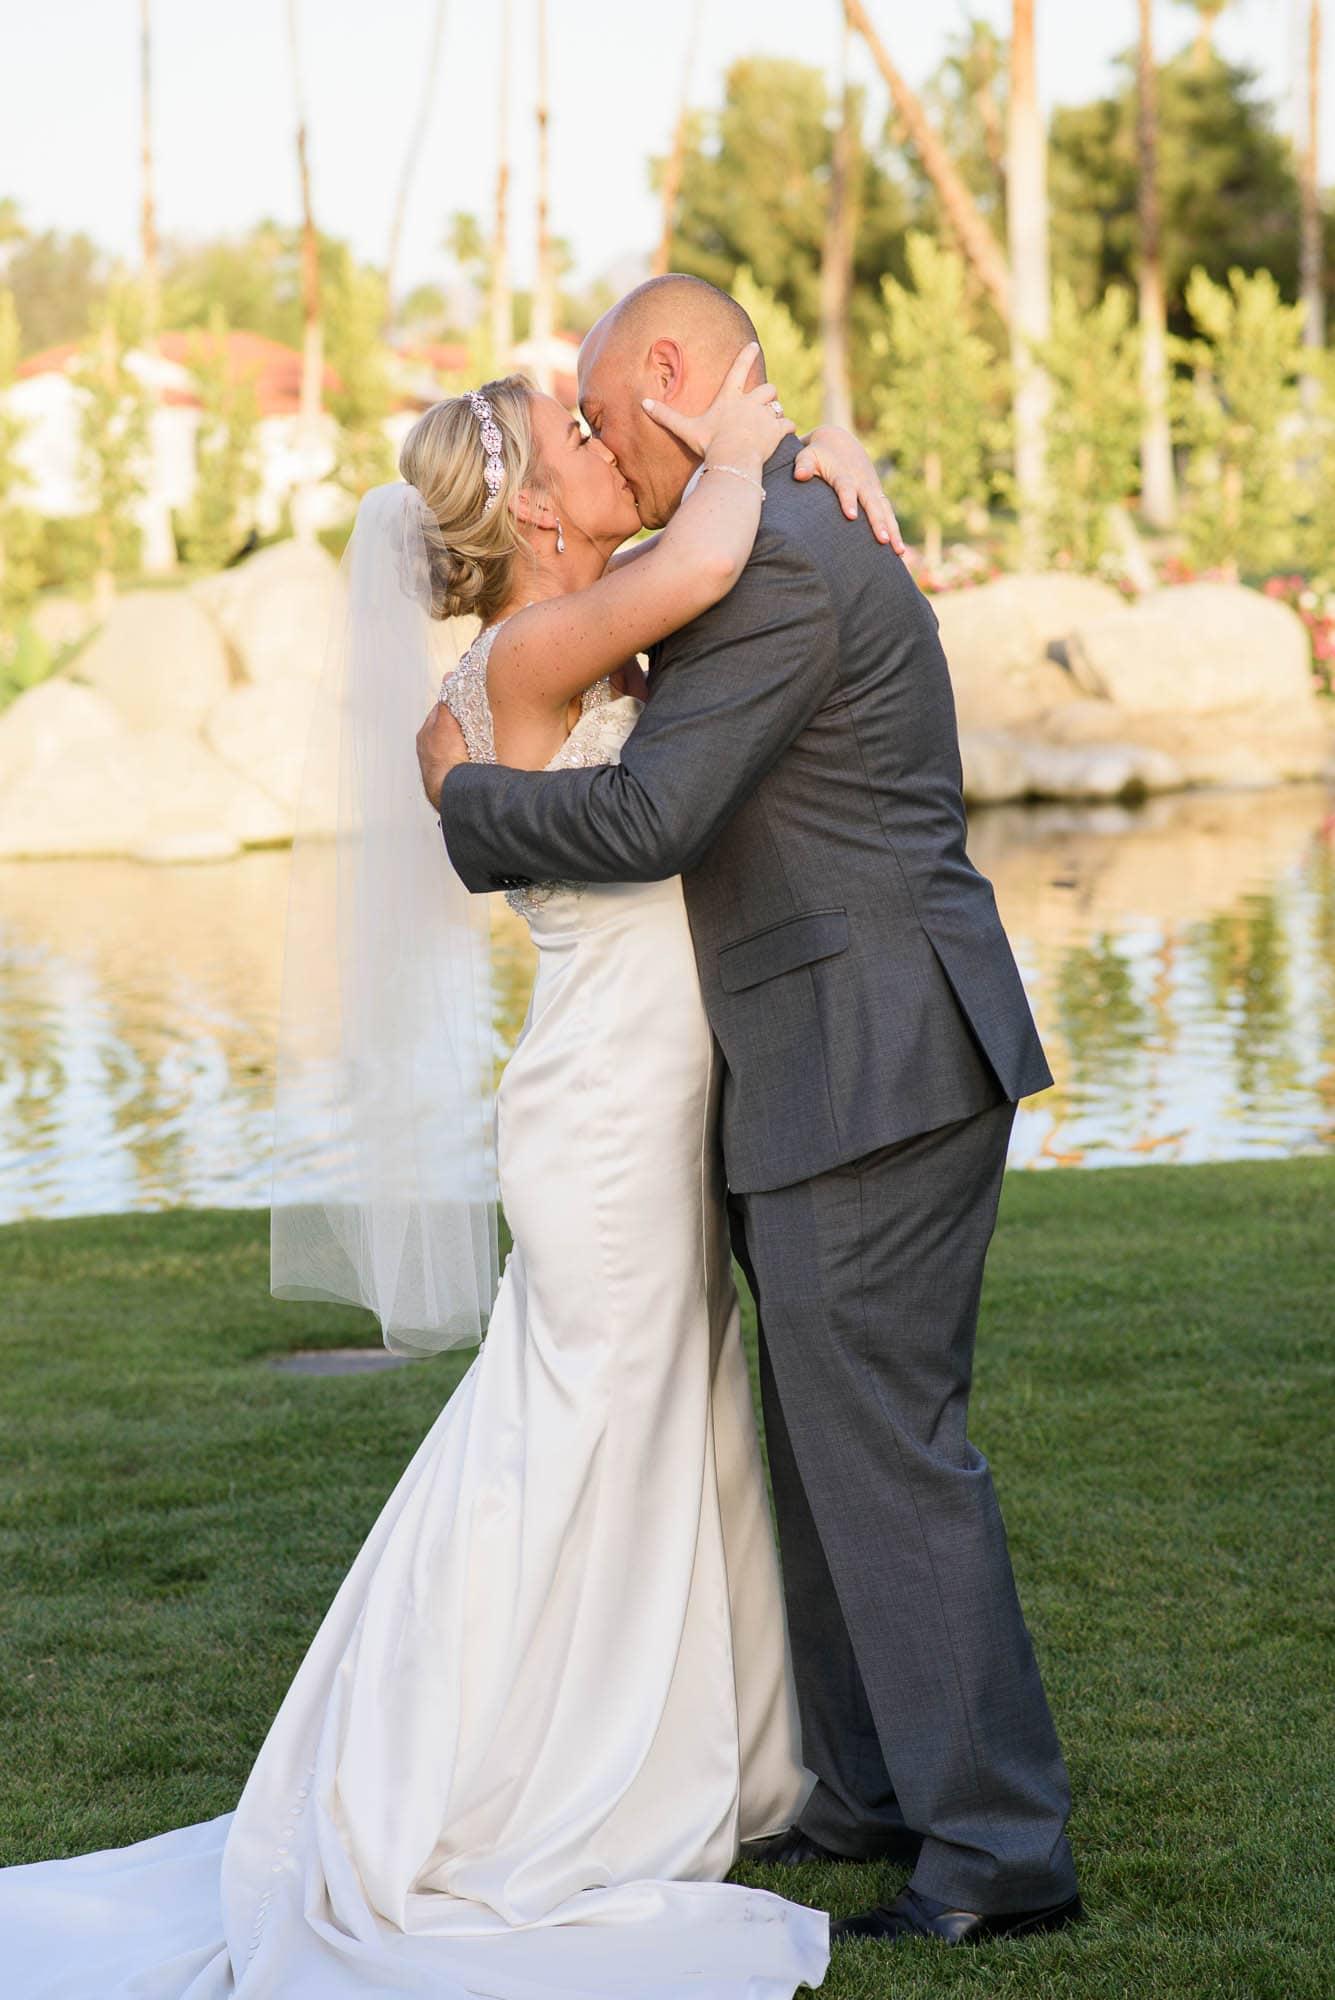 041_Alan_and_Heidi_Wedding_Amanda_Chad